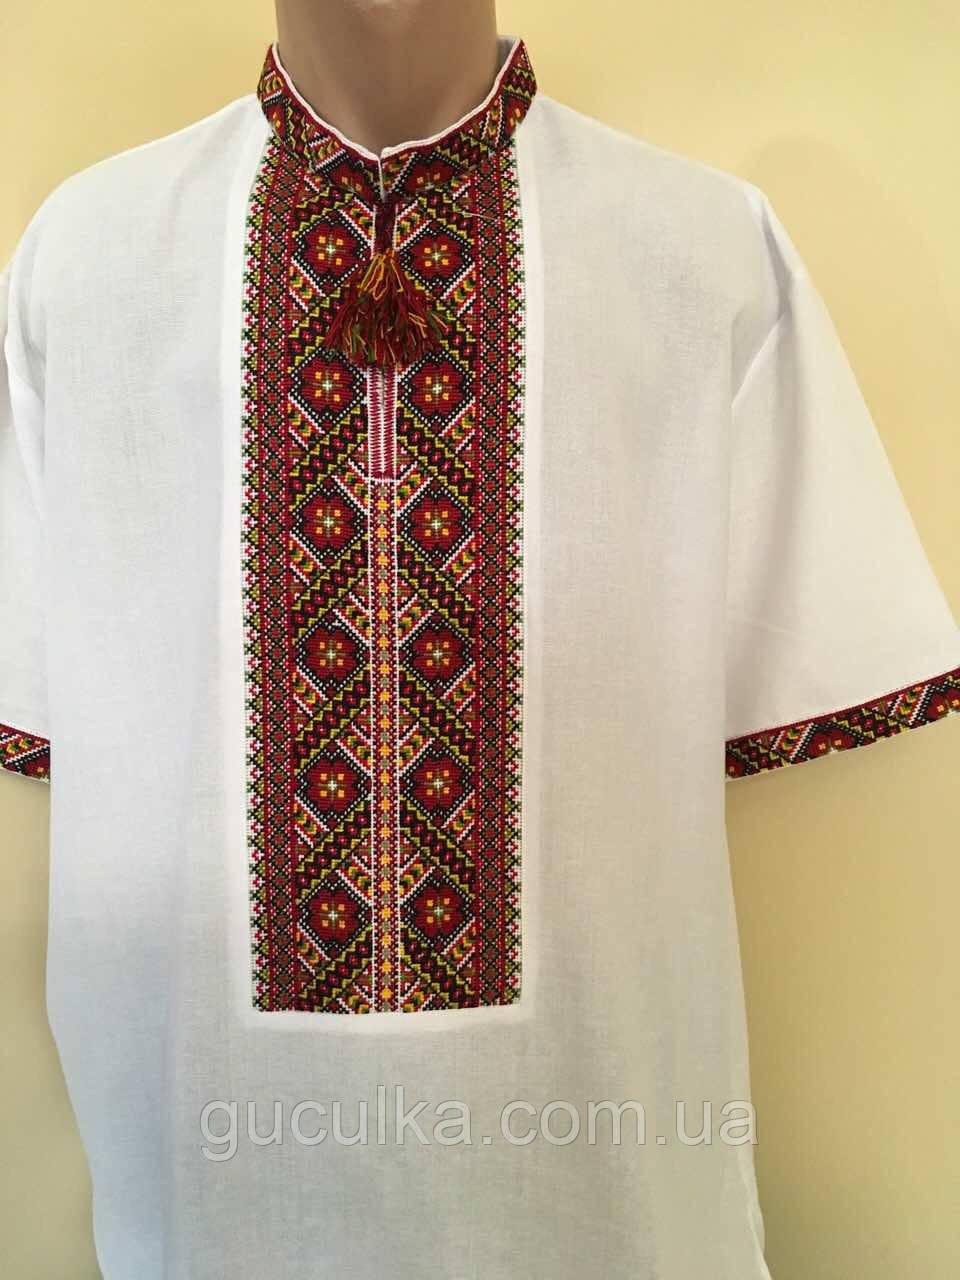 Літня вишита сорочка чоловіча ручної роботи 54-56 розмір - Інтернет-магазин